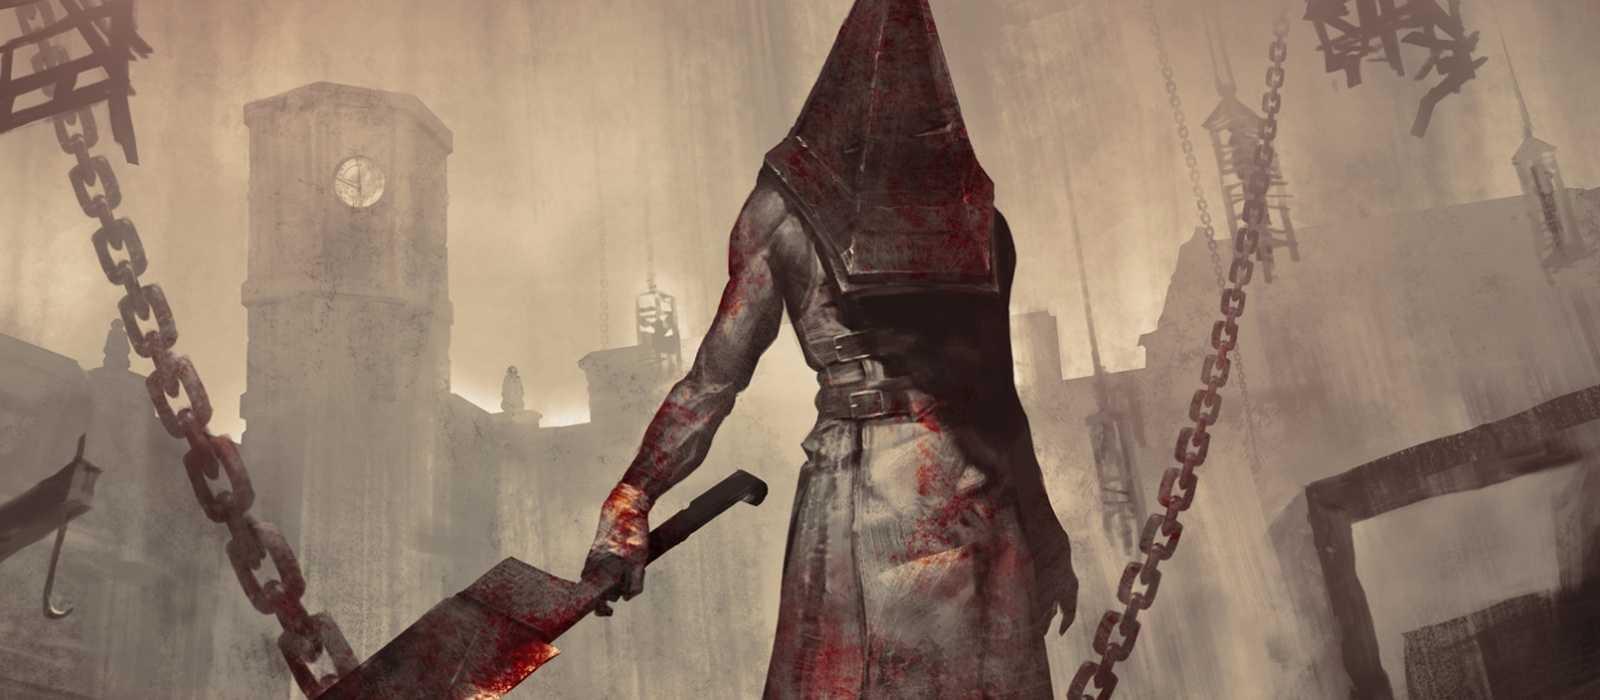 Silent Hill wird in Kürze online verfügbar sein. Stimmt, in Dead by Daylight